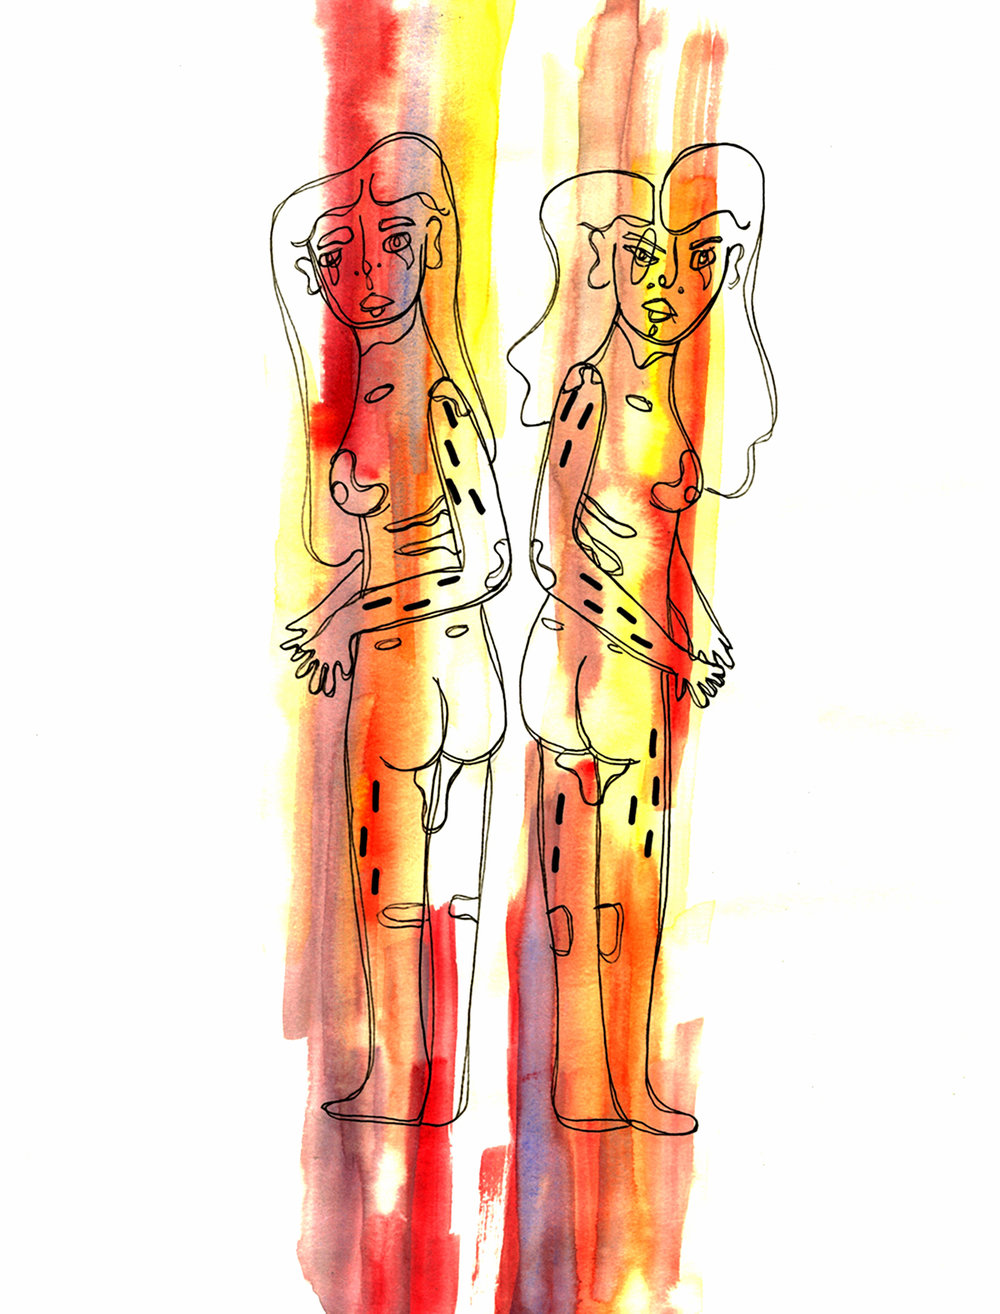 Twins Nude  by Denver Blevins